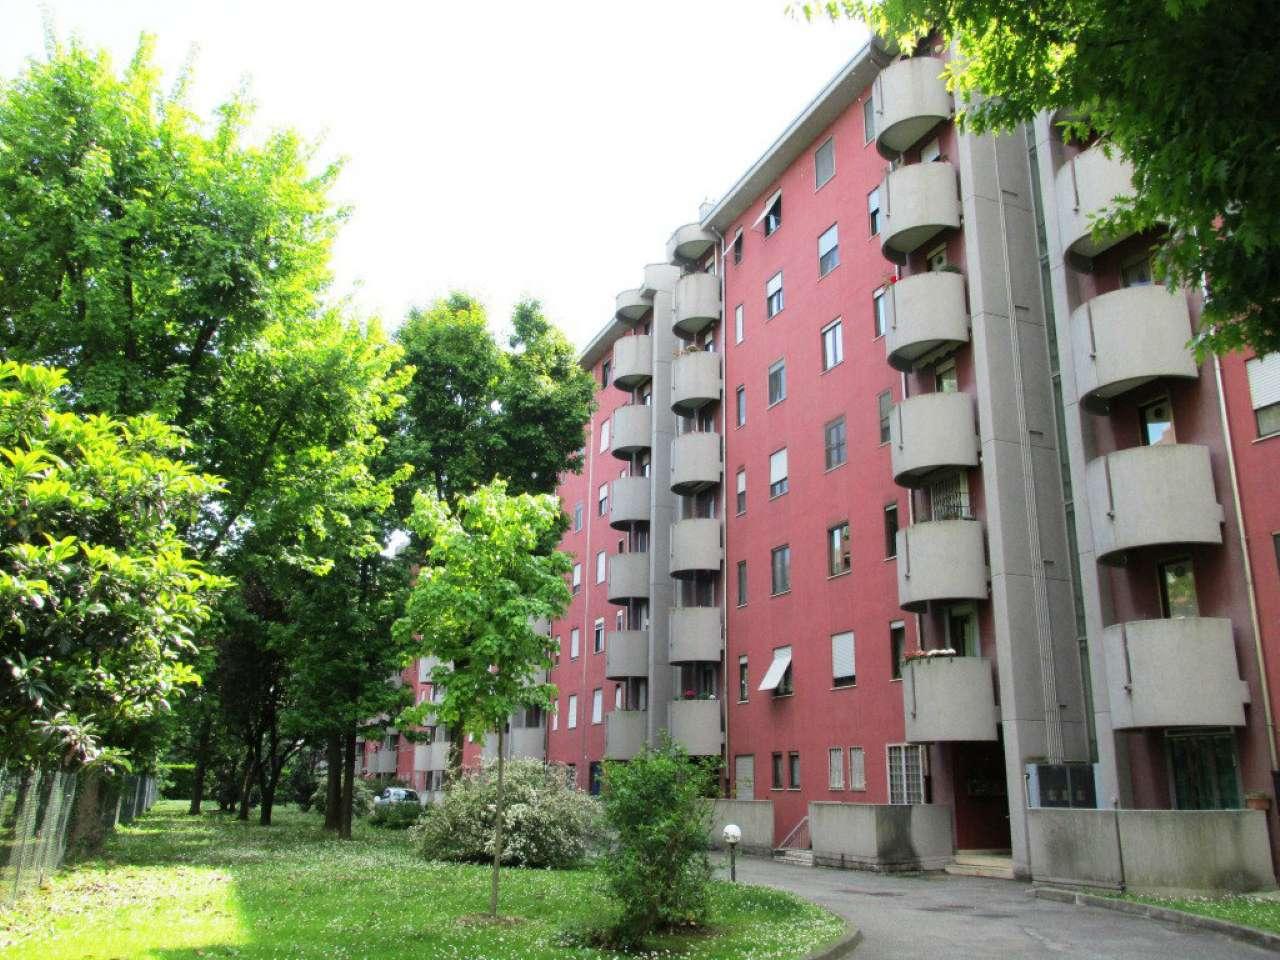 Appartamento in Affitto a Segrate: 3 locali, 100 mq